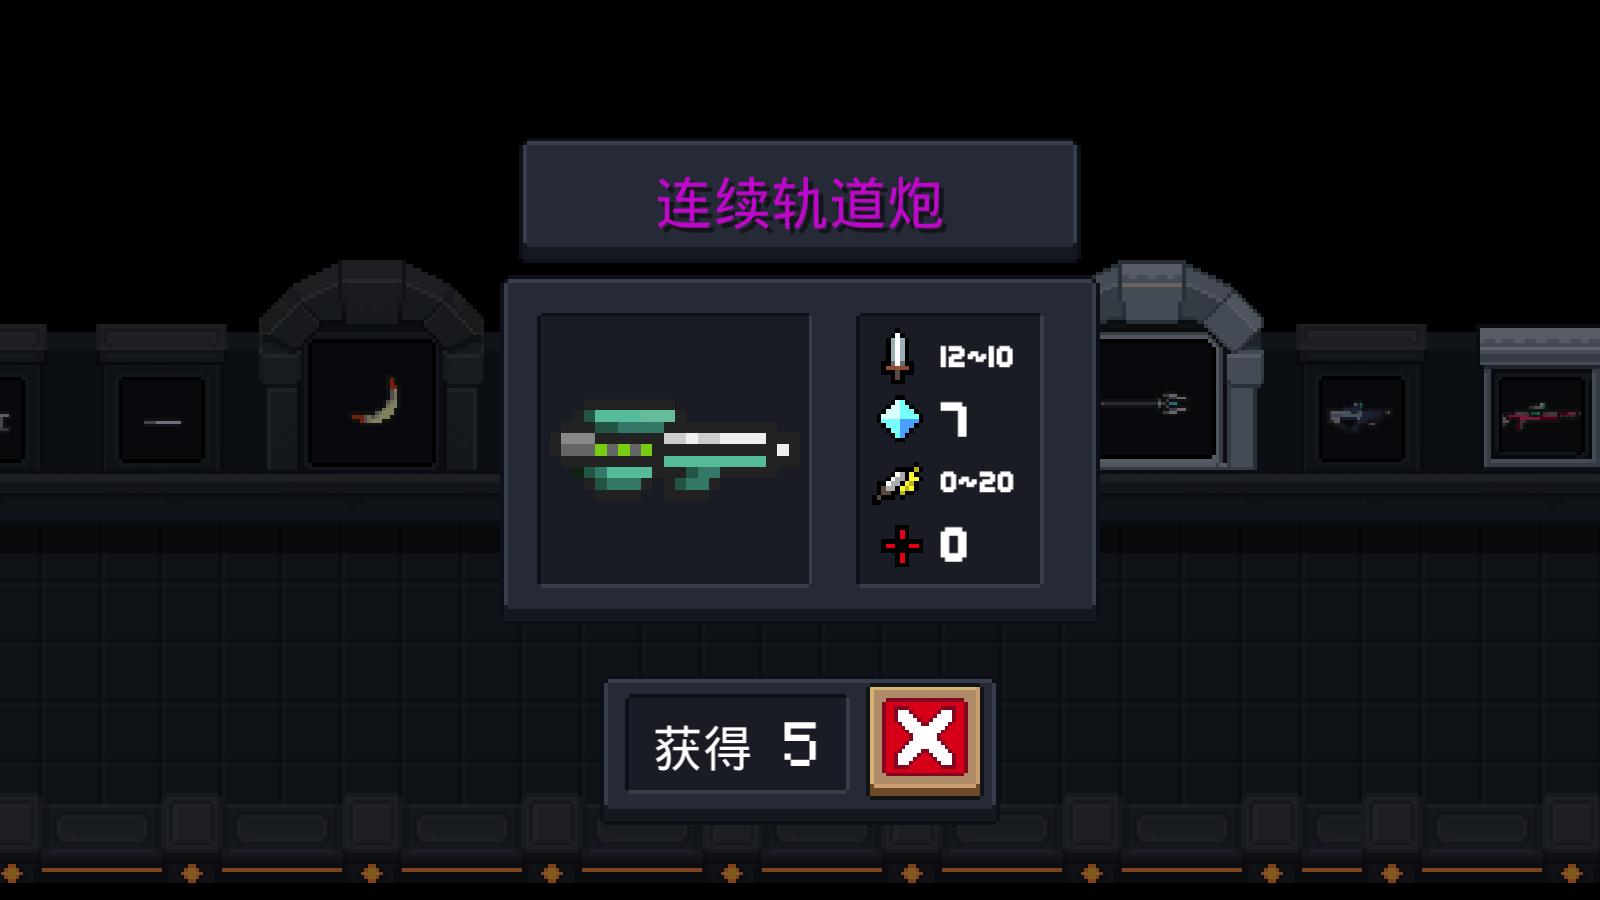 《元气骑士》武器连续轨道炮图鉴